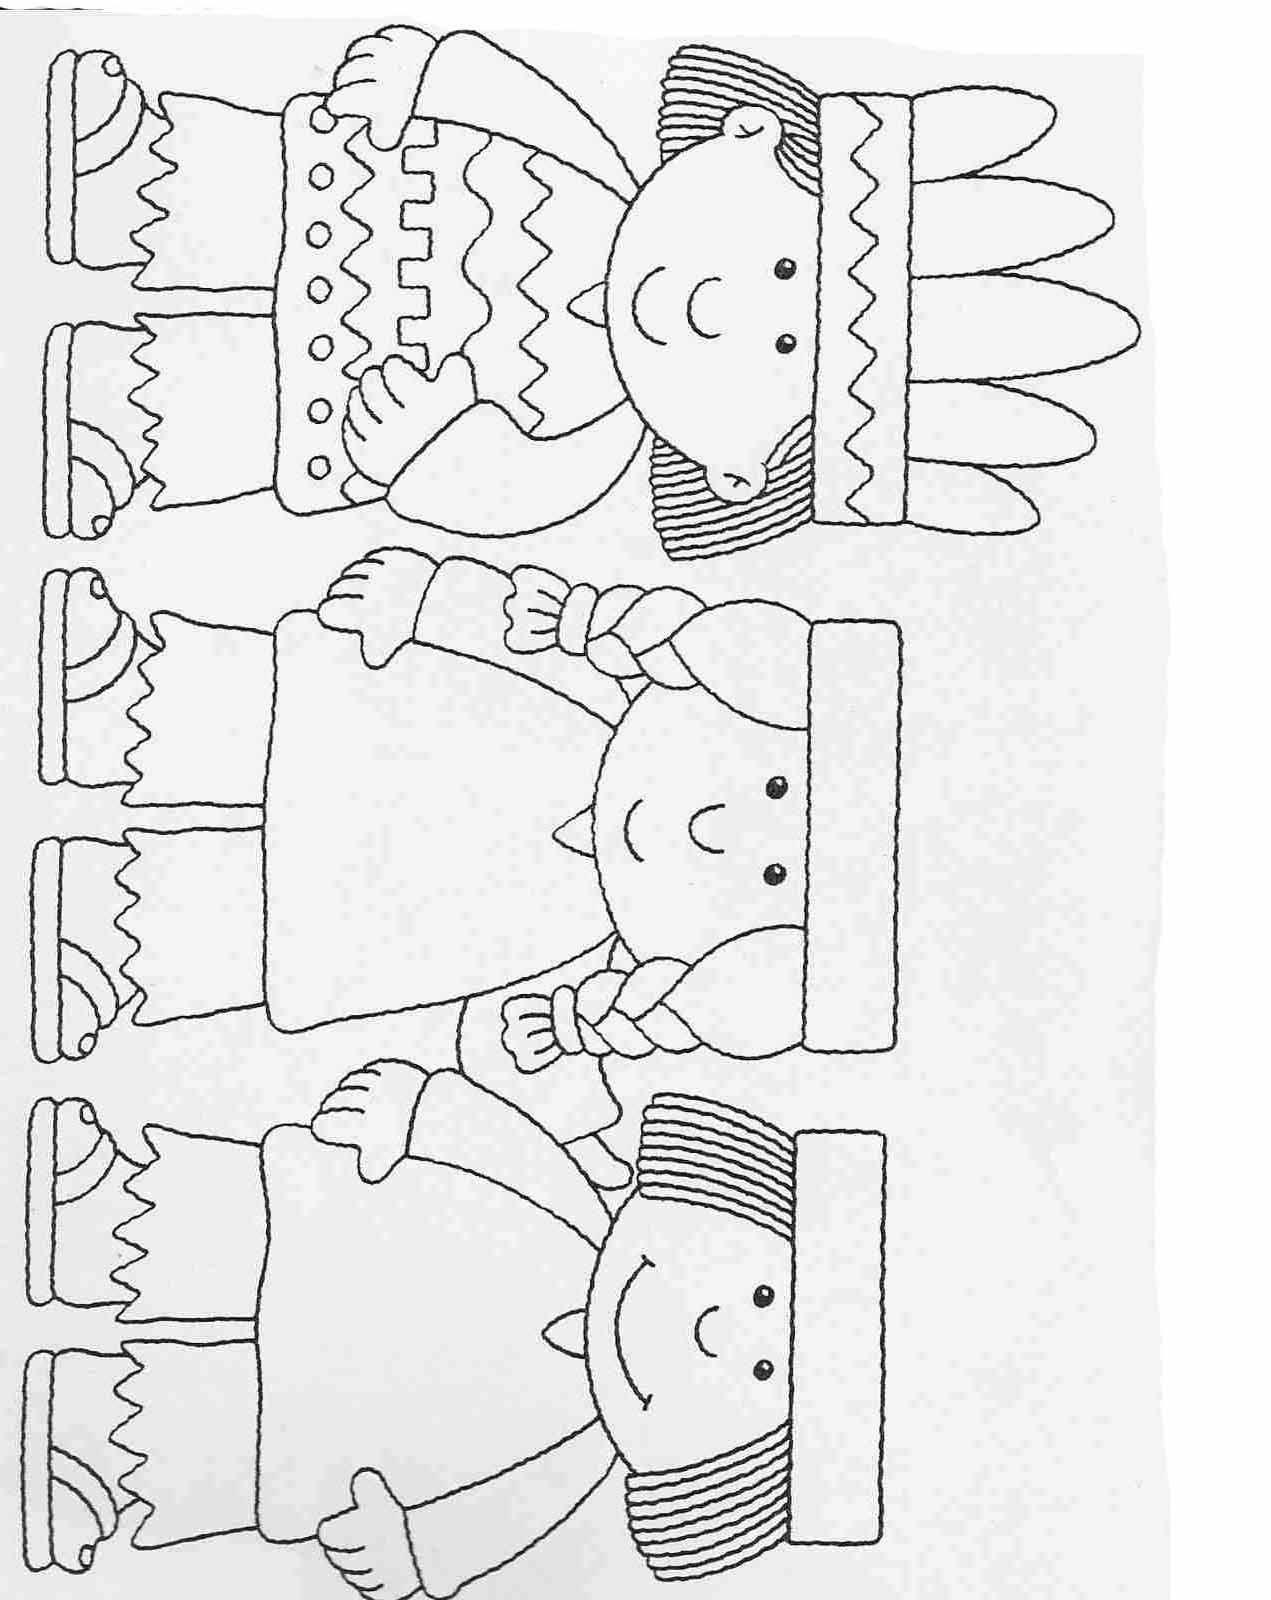 Actividades Para Niños Preescolar Primaria E Inicial Completar Y Colorear Actividades Para Niños Actividades Para Niños Preescolar Los Continentes Para Niños